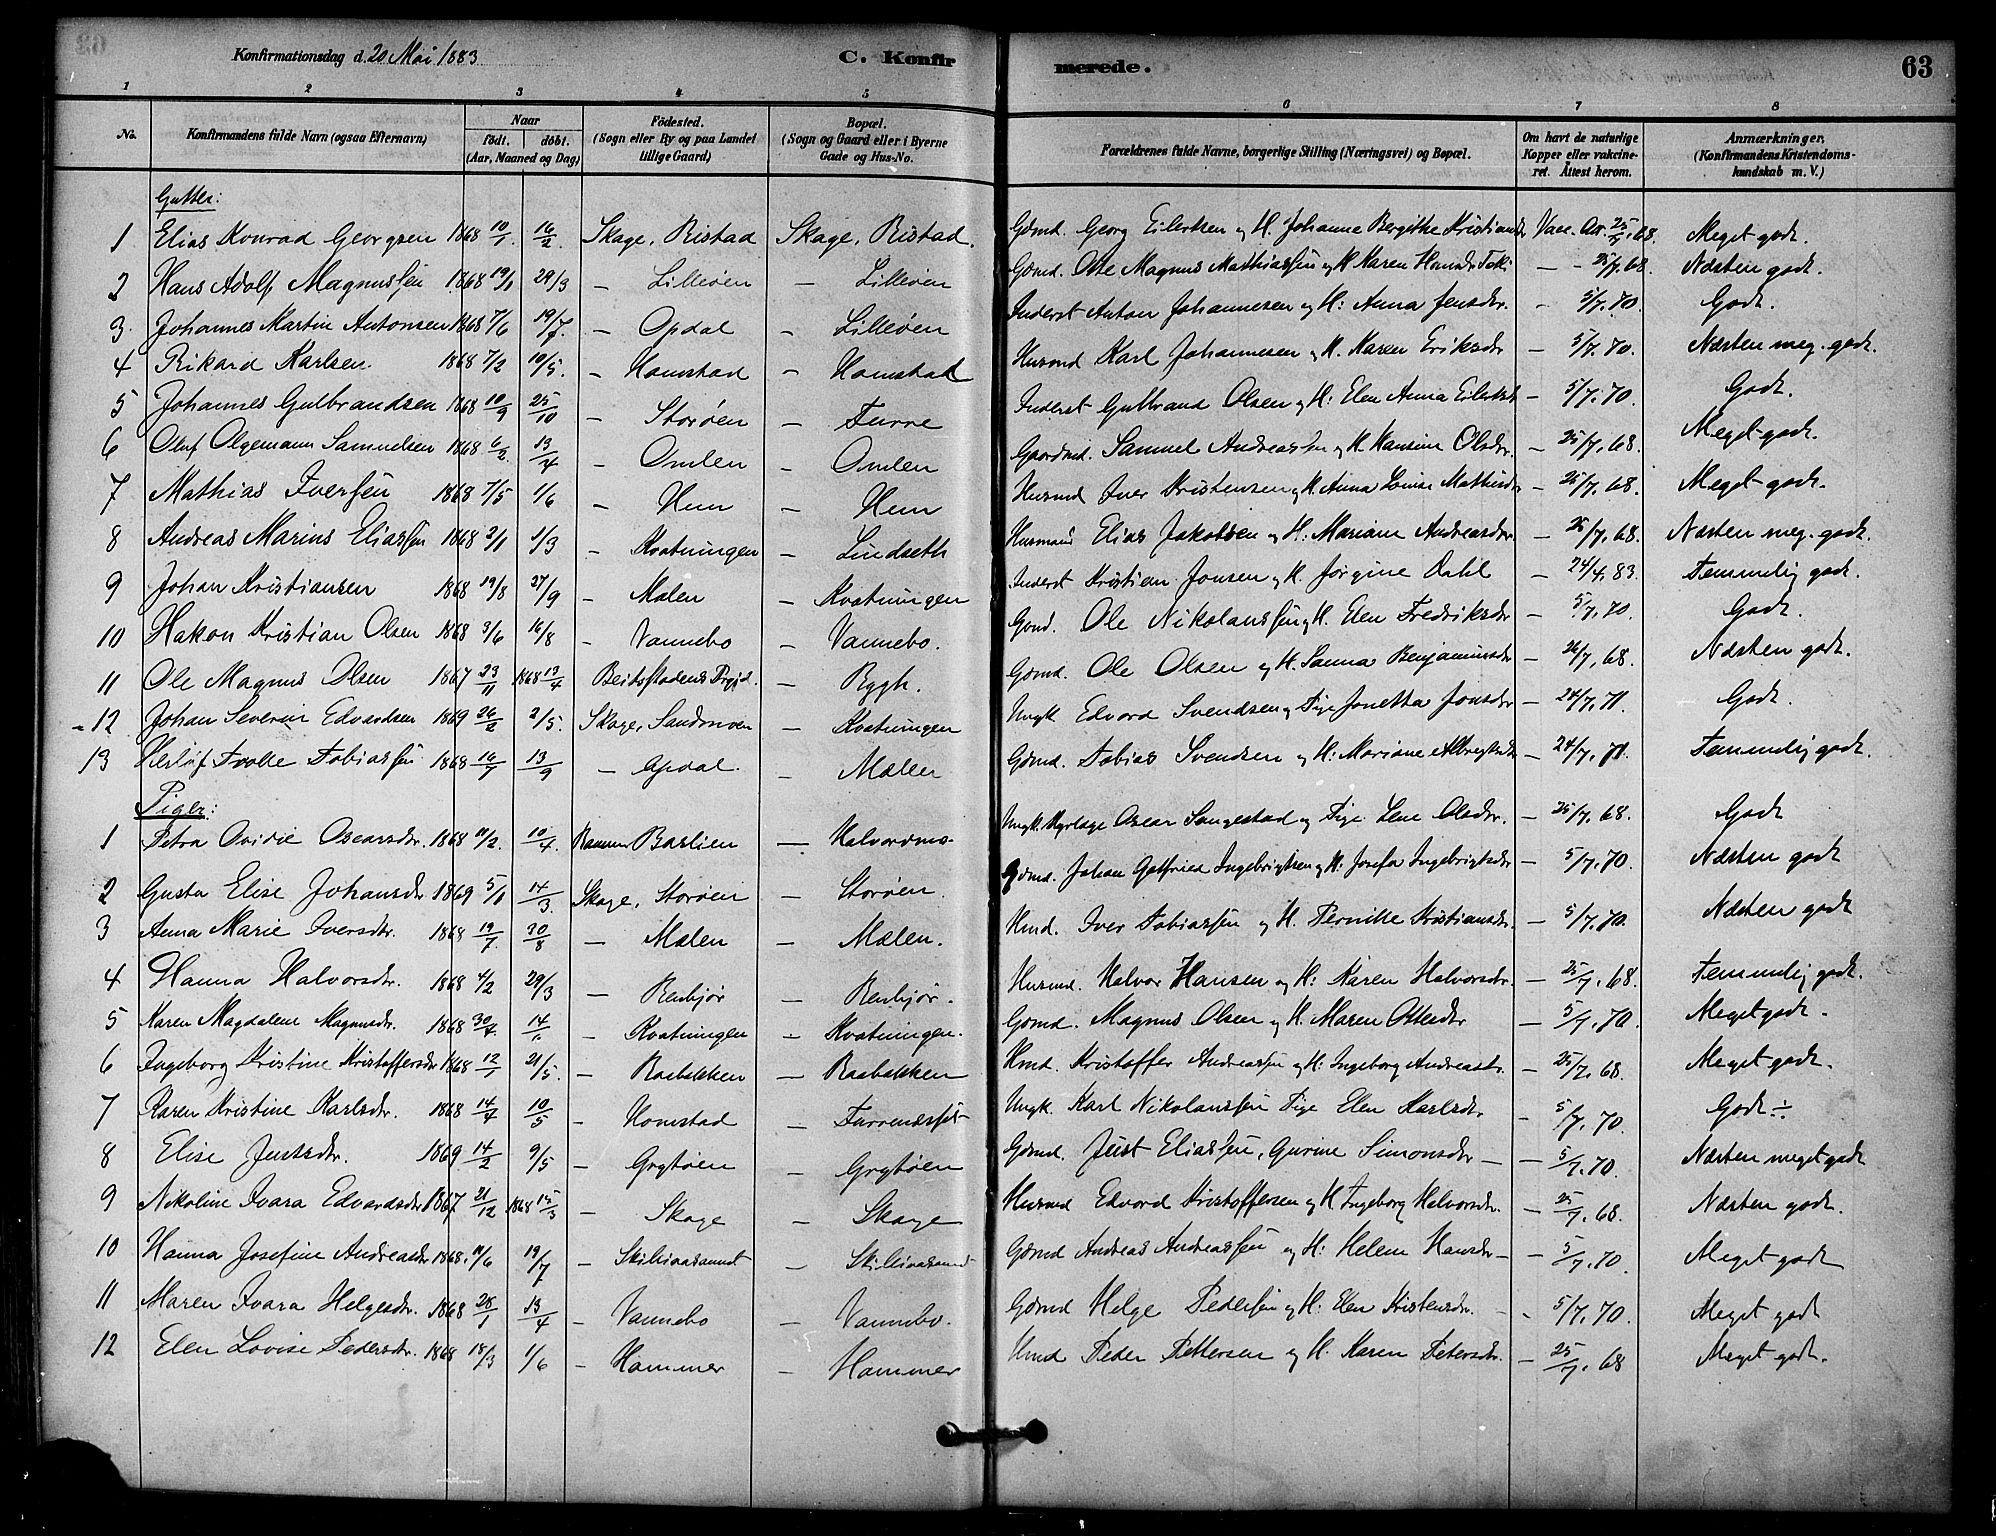 SAT, Ministerialprotokoller, klokkerbøker og fødselsregistre - Nord-Trøndelag, 766/L0563: Ministerialbok nr. 767A01, 1881-1899, s. 63